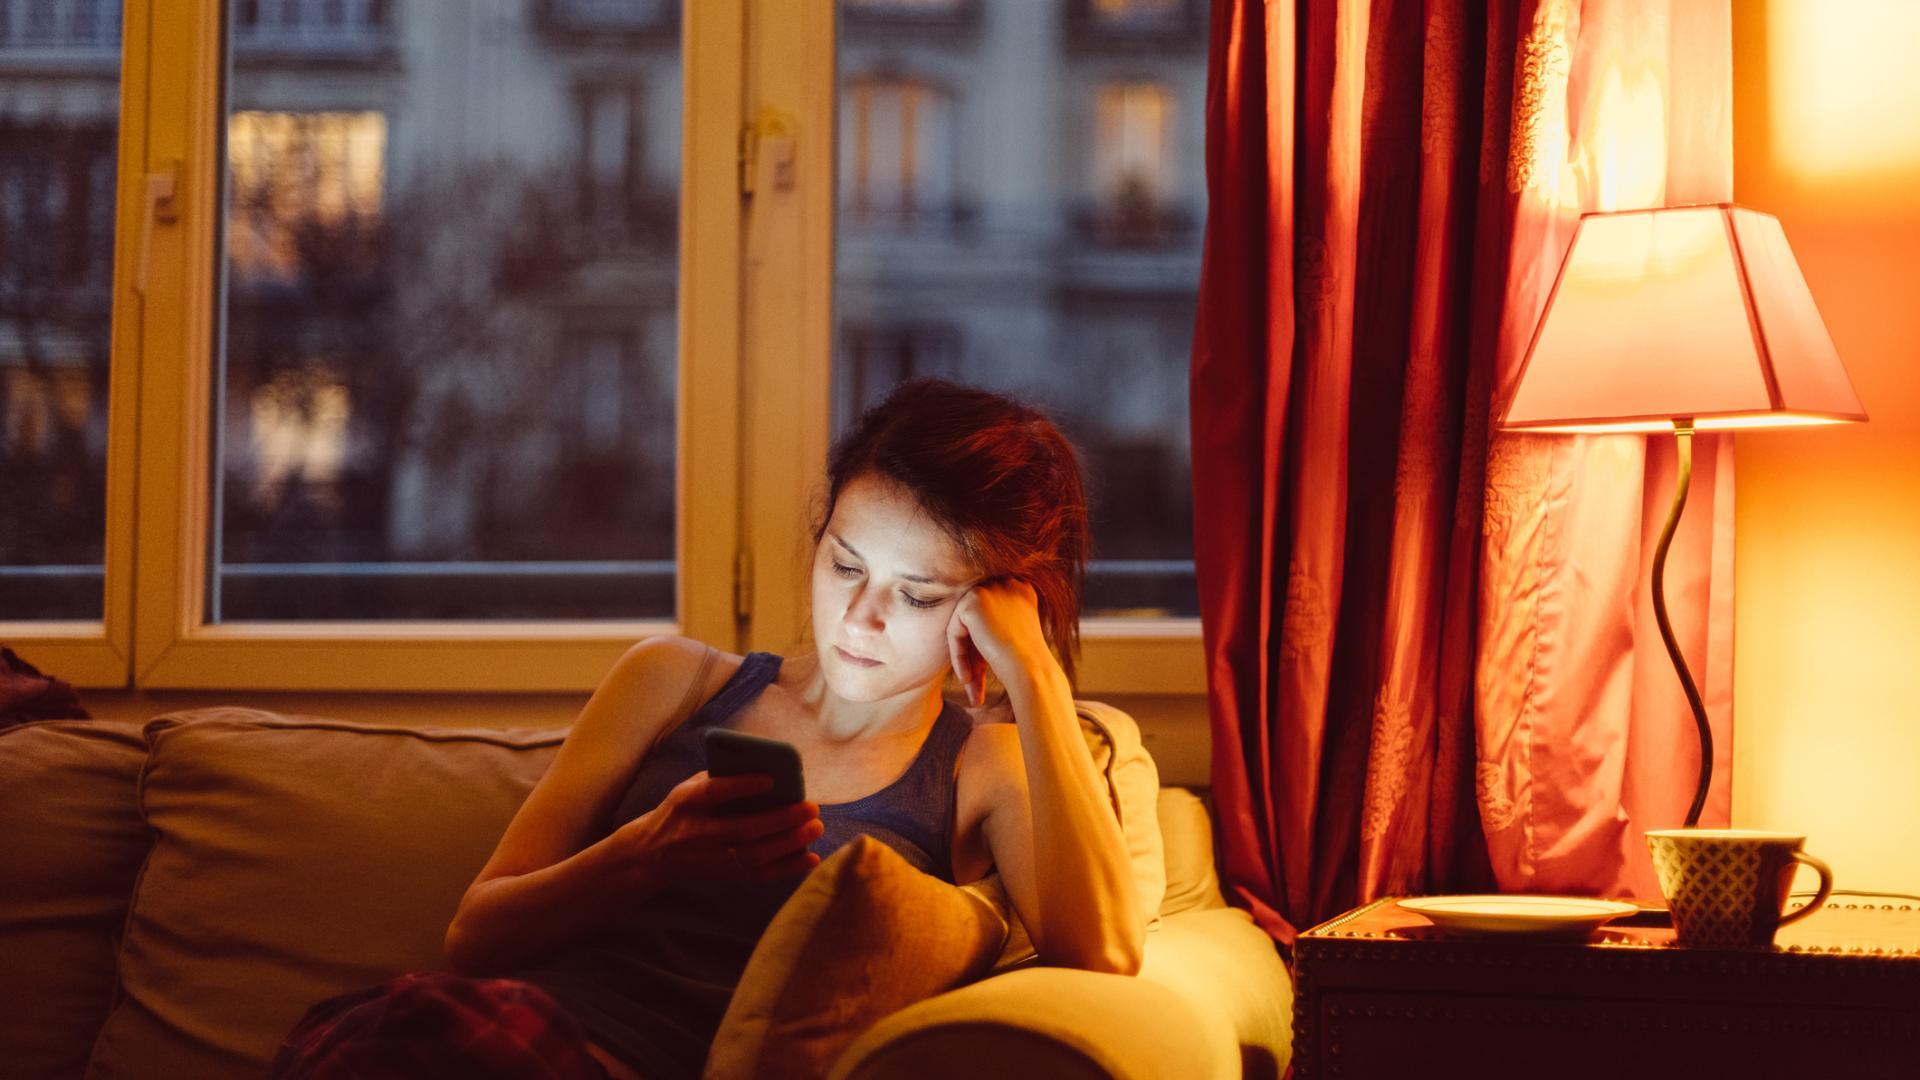 Frau am Handy traurig